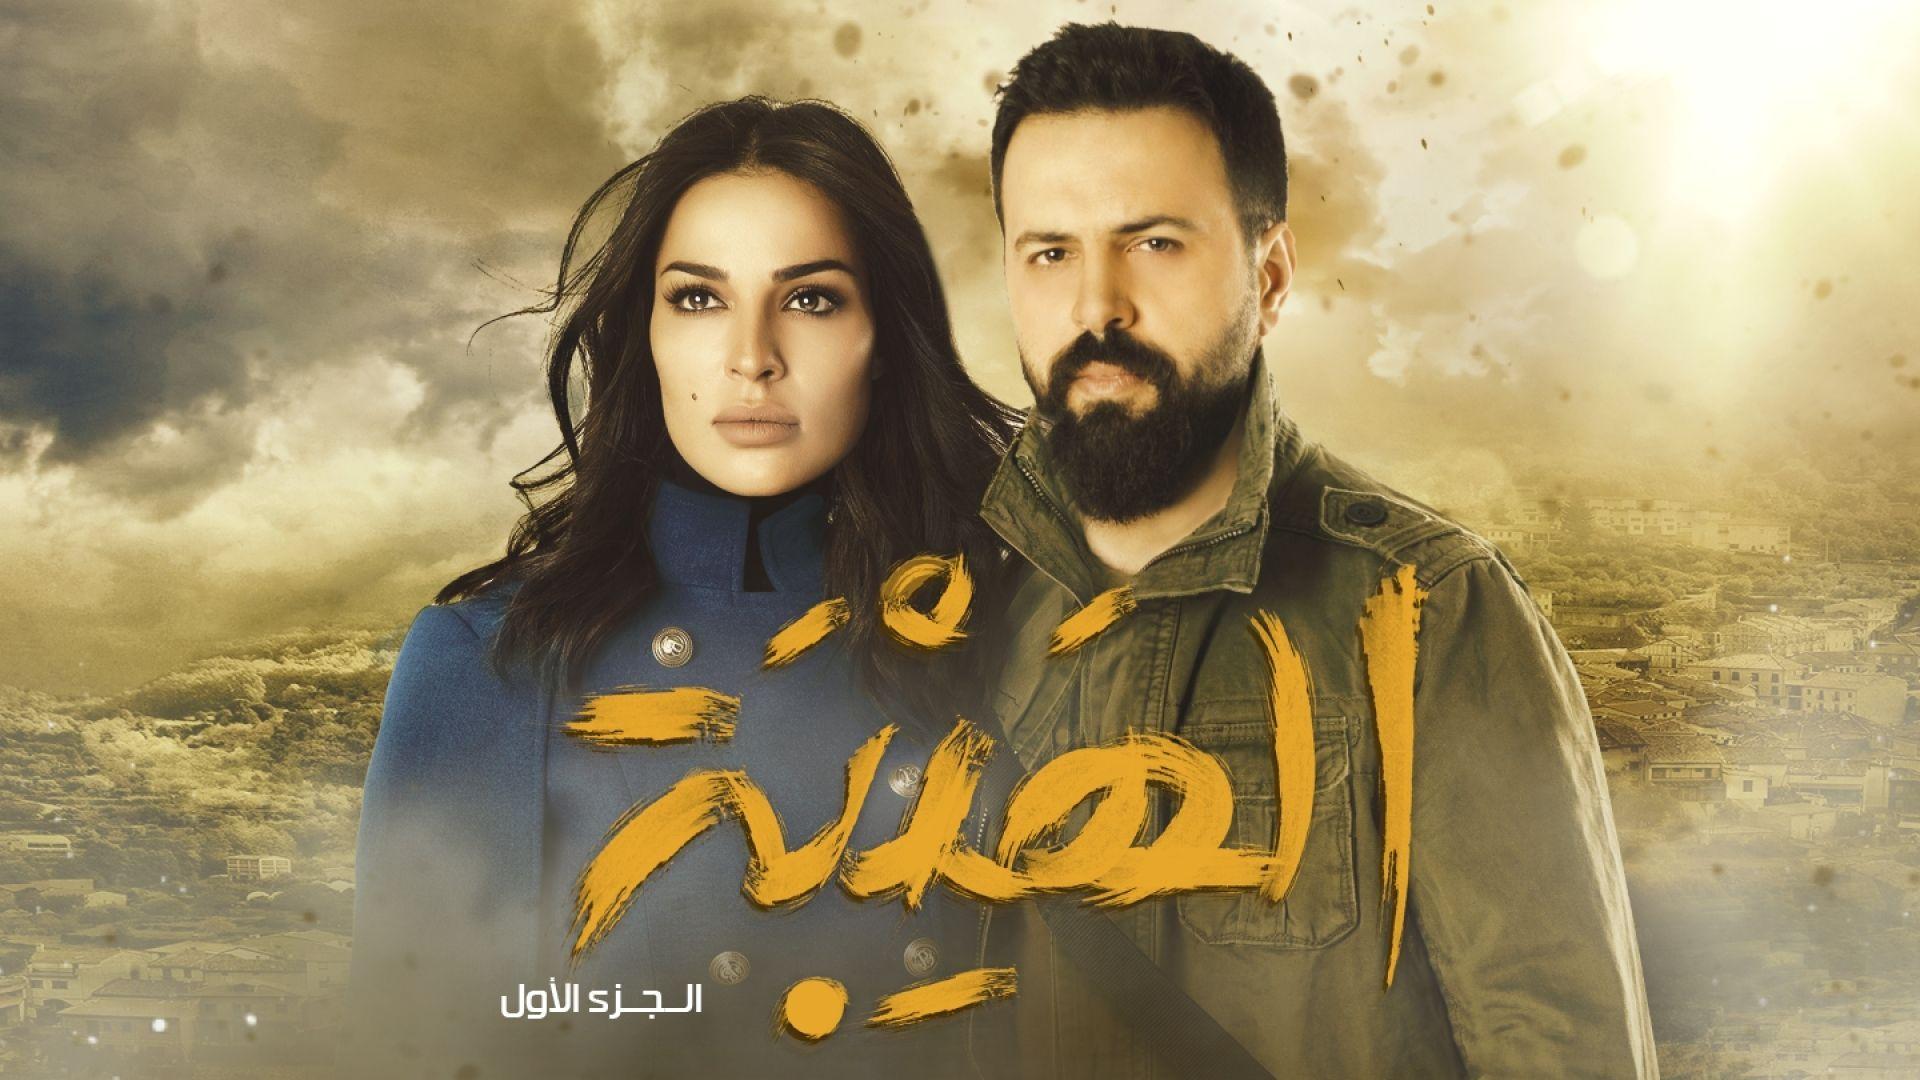 موعد وتوقيت عرض مسلسل الهيبة ج1 2020 على قناة سما السورية Actors Seasons Season 4